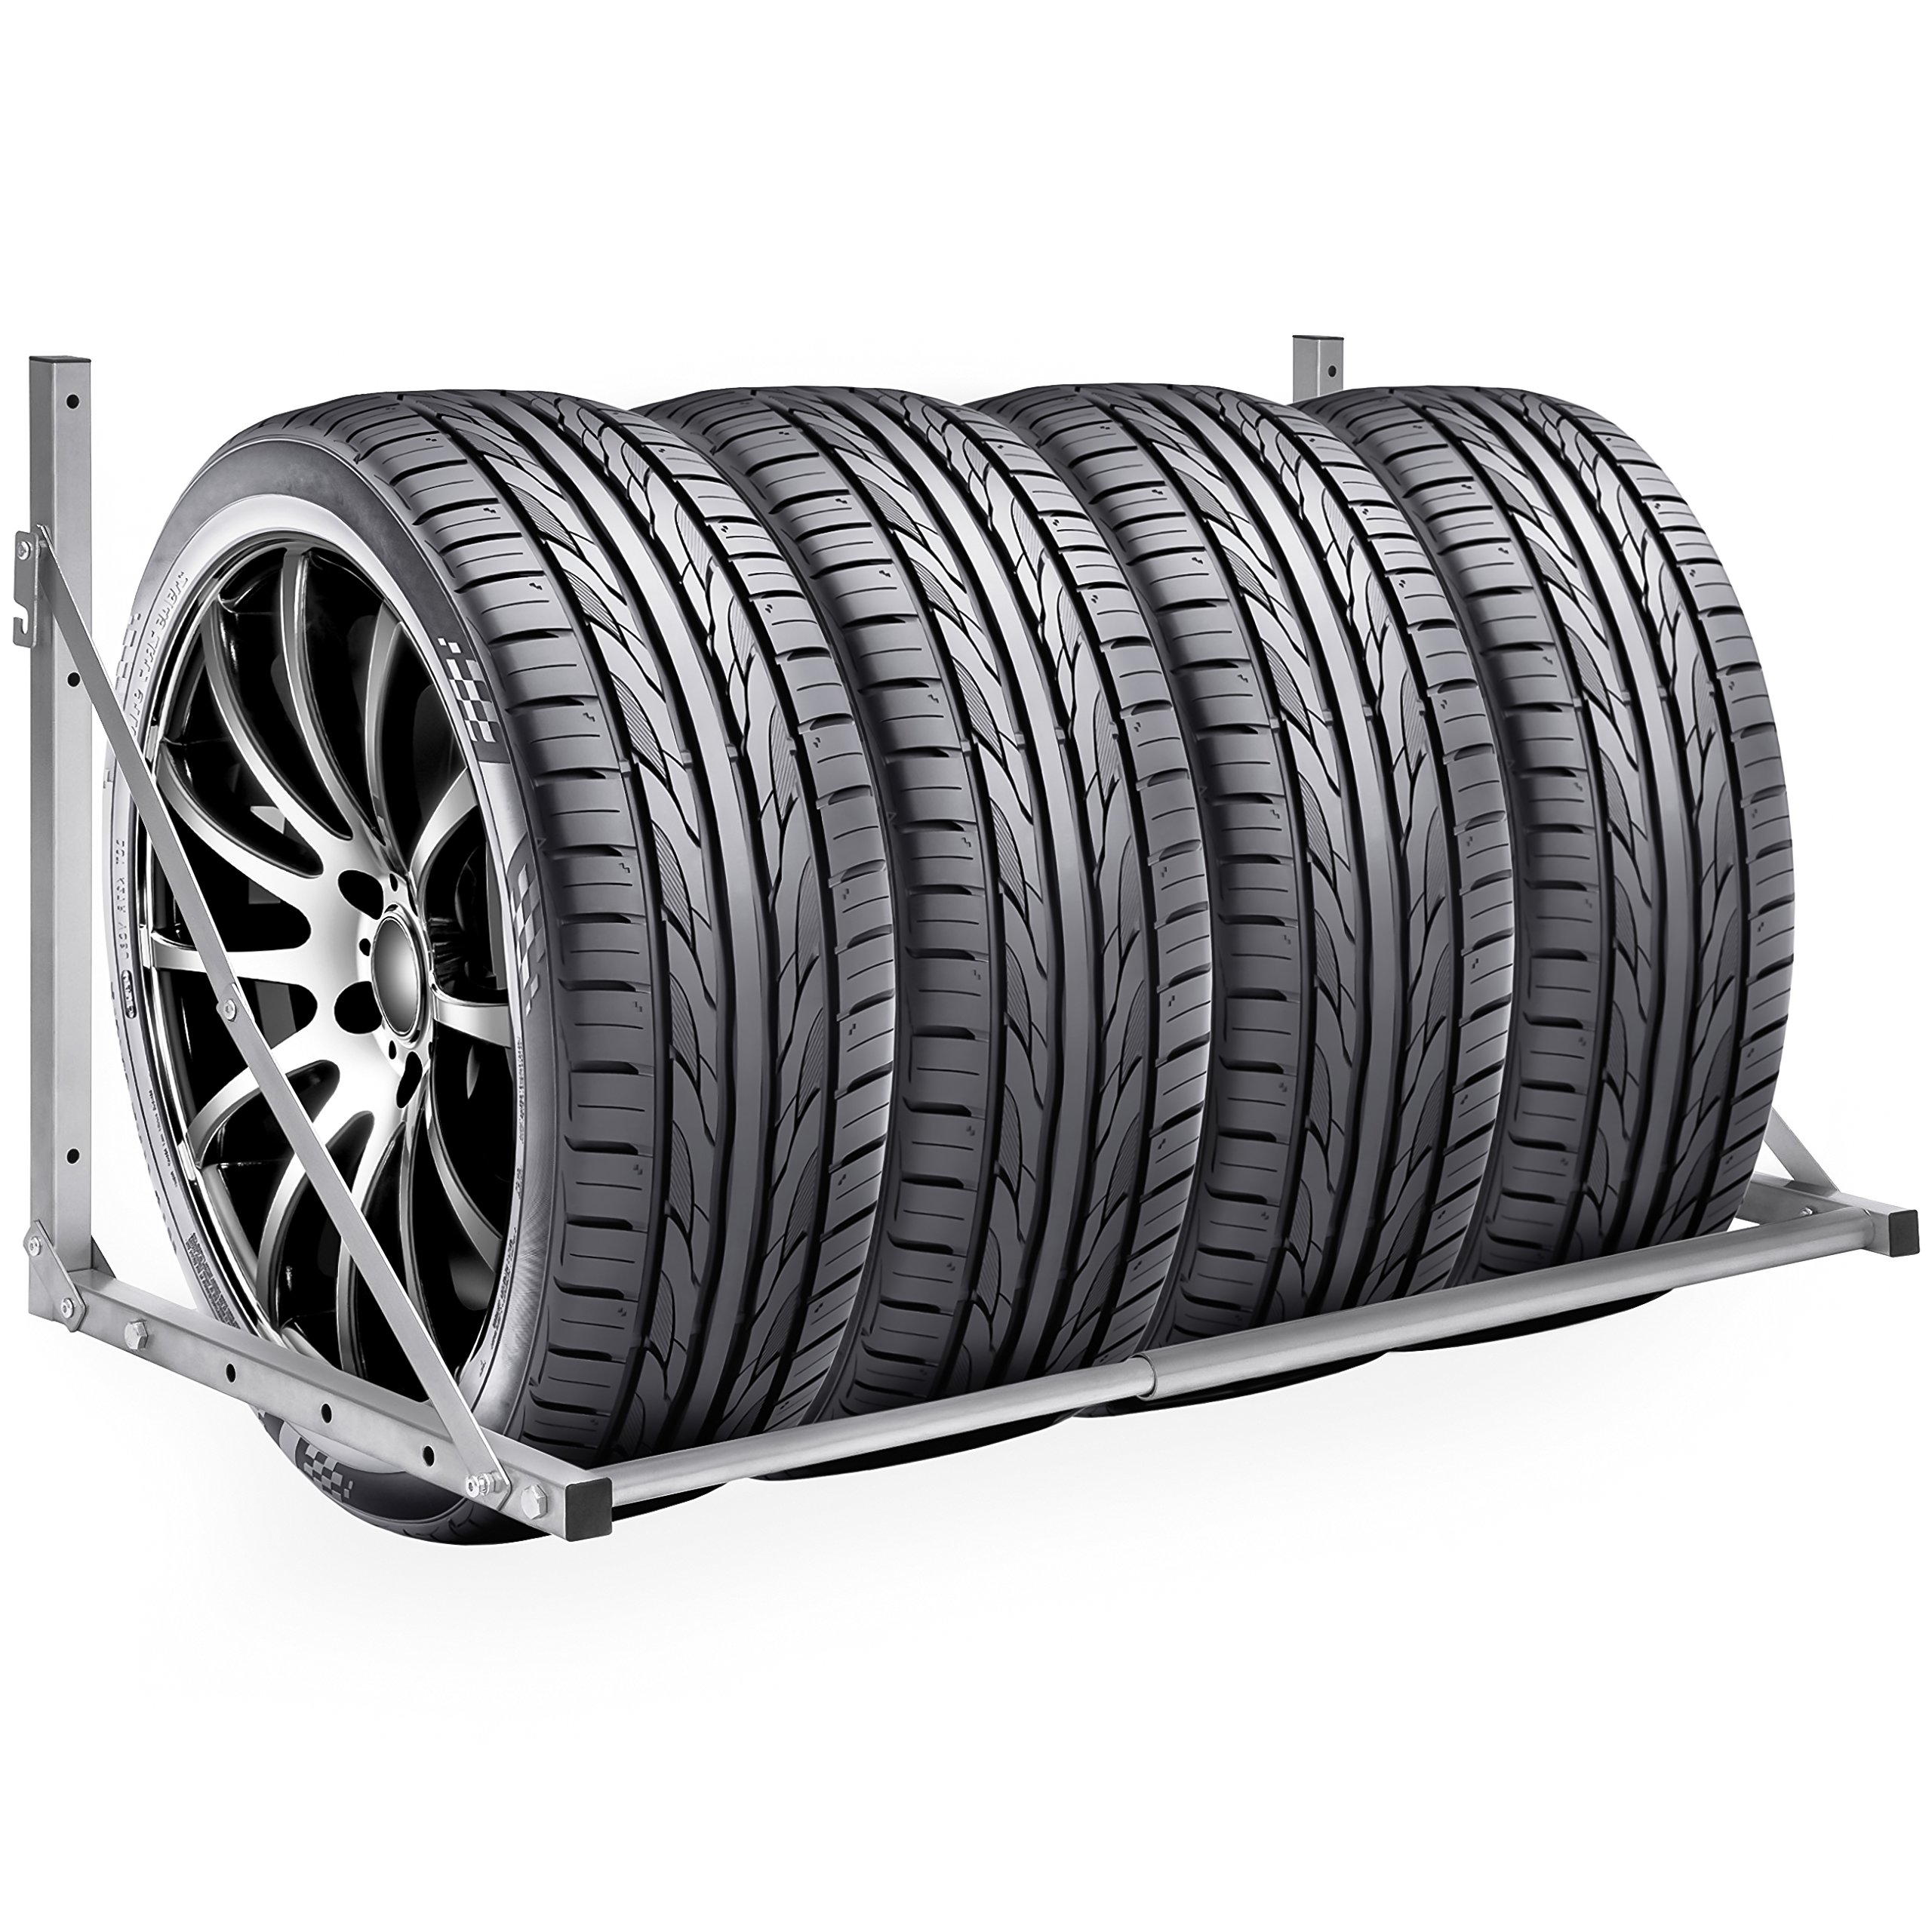 Best Choice Products Heavy Duty Steel Garage Wall Mount Folding Tire Wheel Storage Rack - Gray